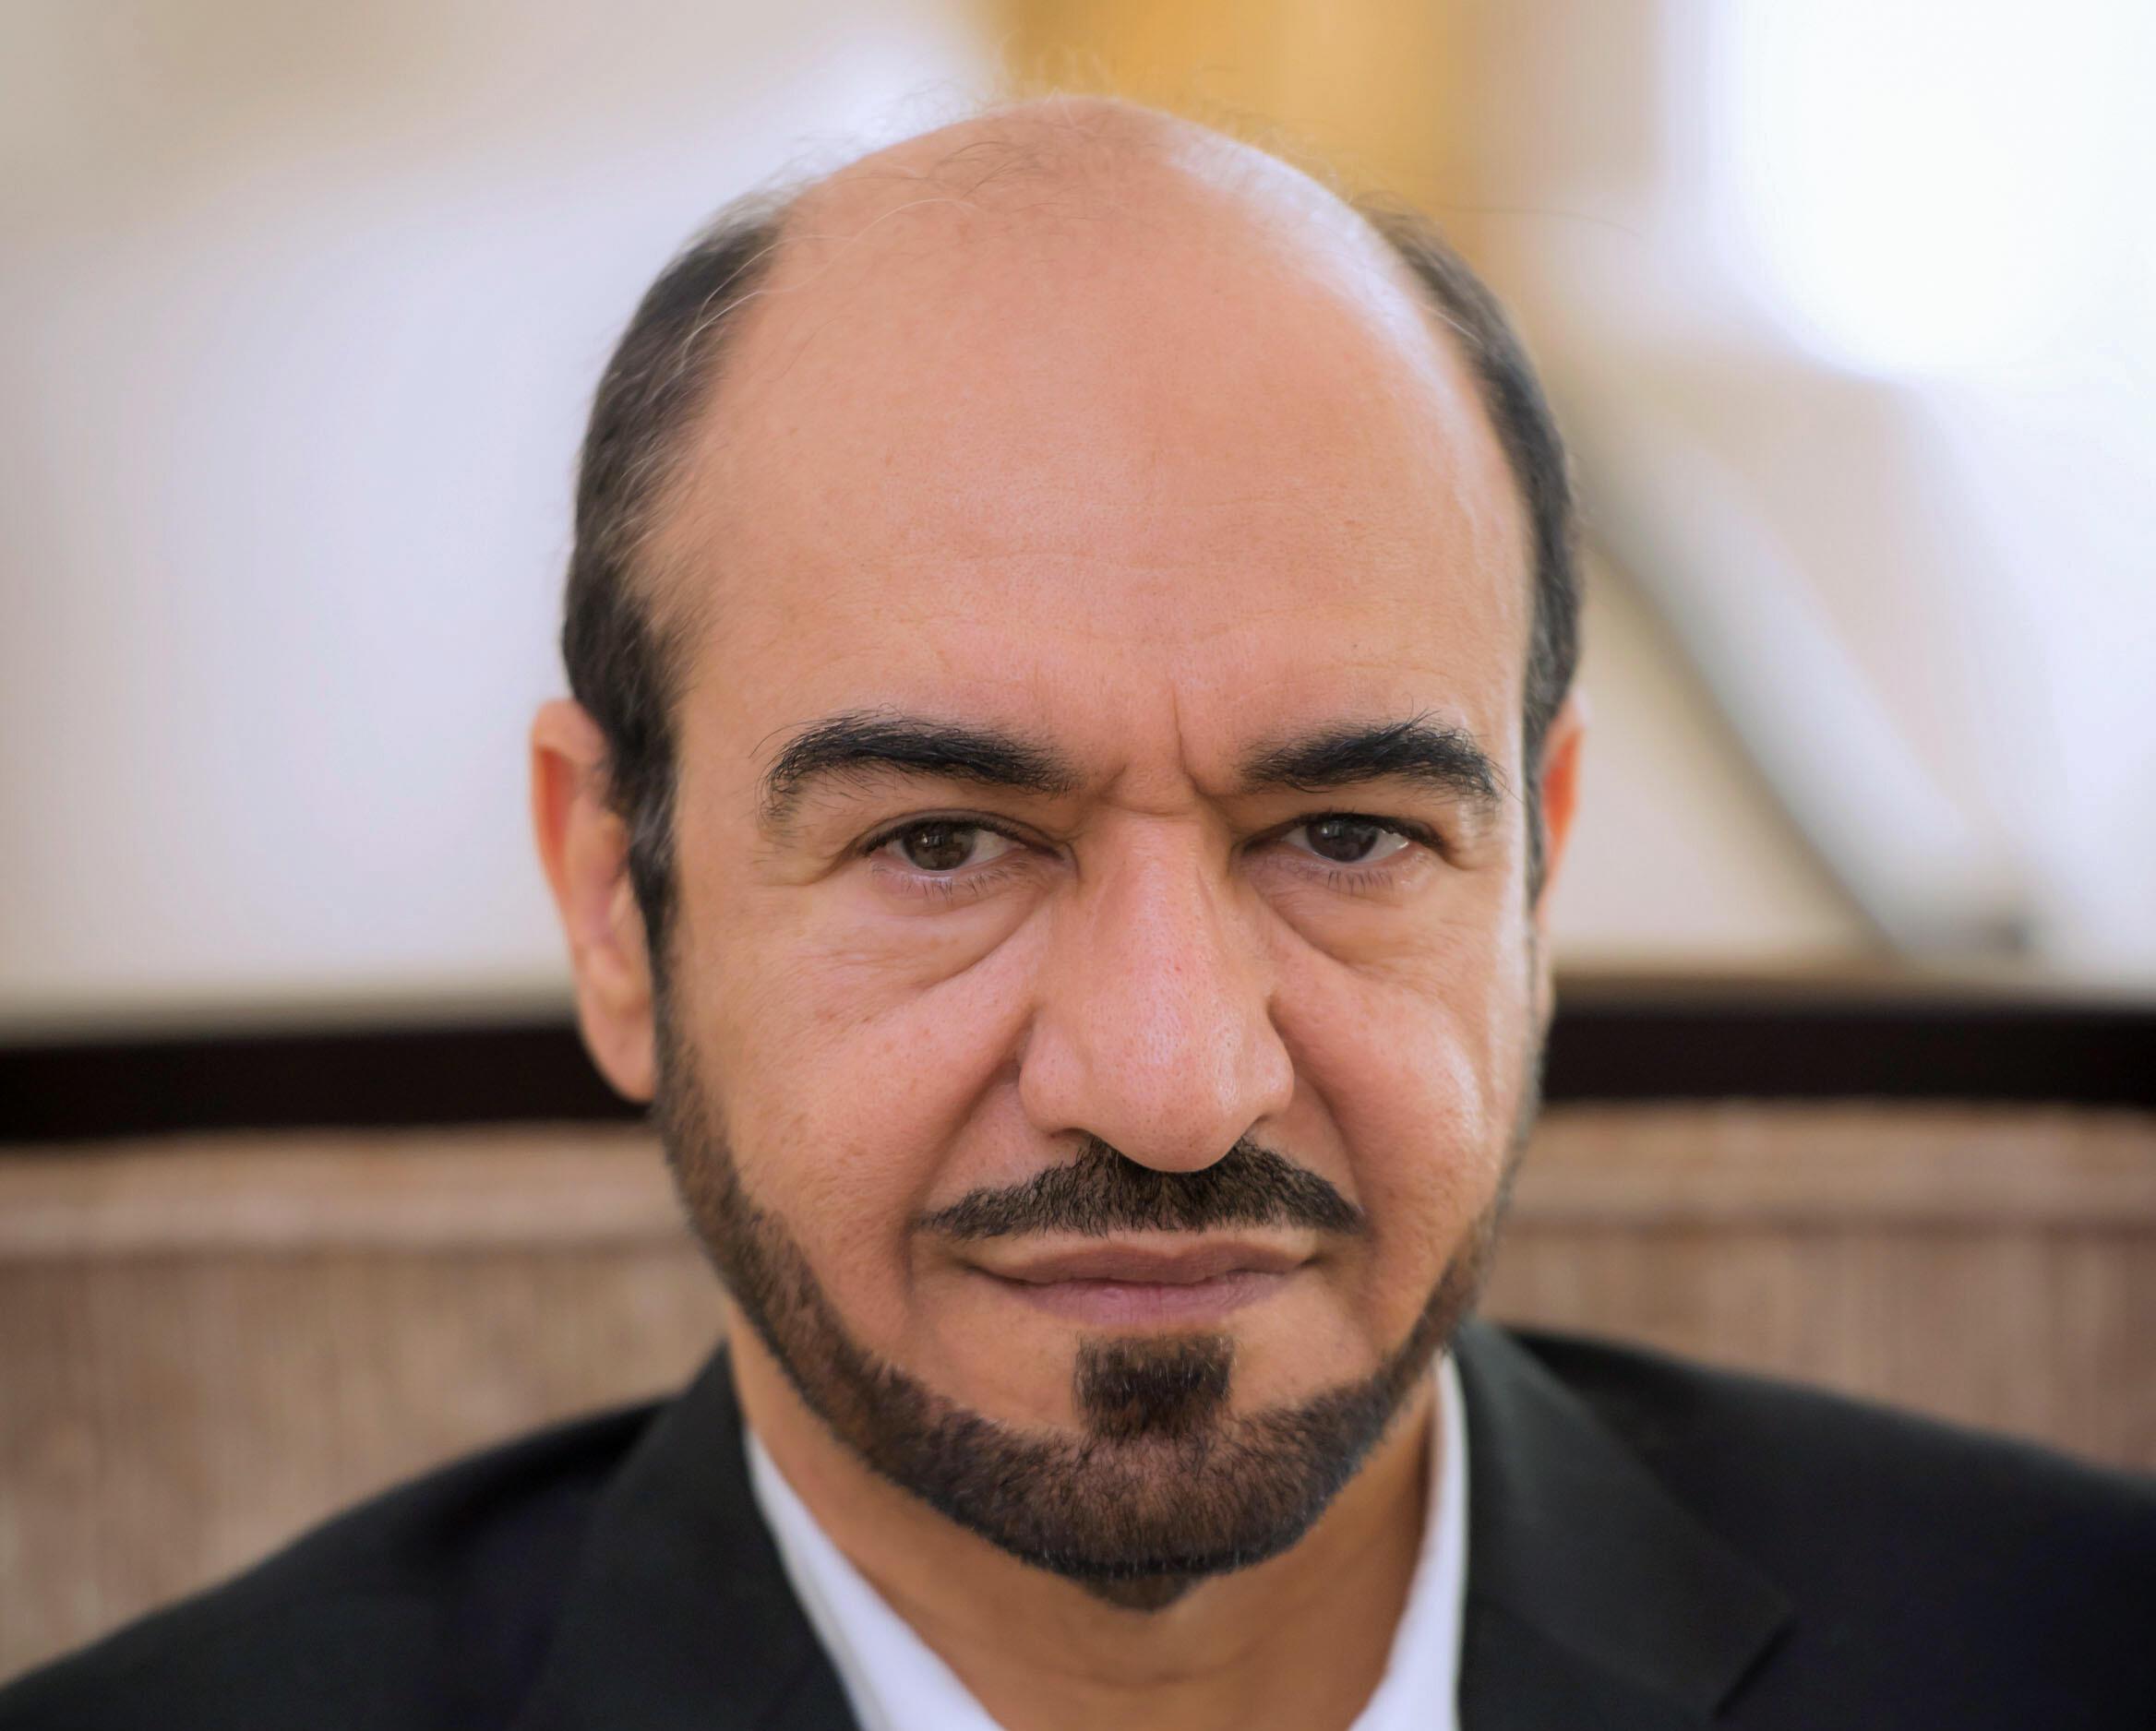 Saad Aljabri estuvo en contacto con los servicios de inteligencia estadounidenses en operaciones secretas de lucha contra el terrorismo